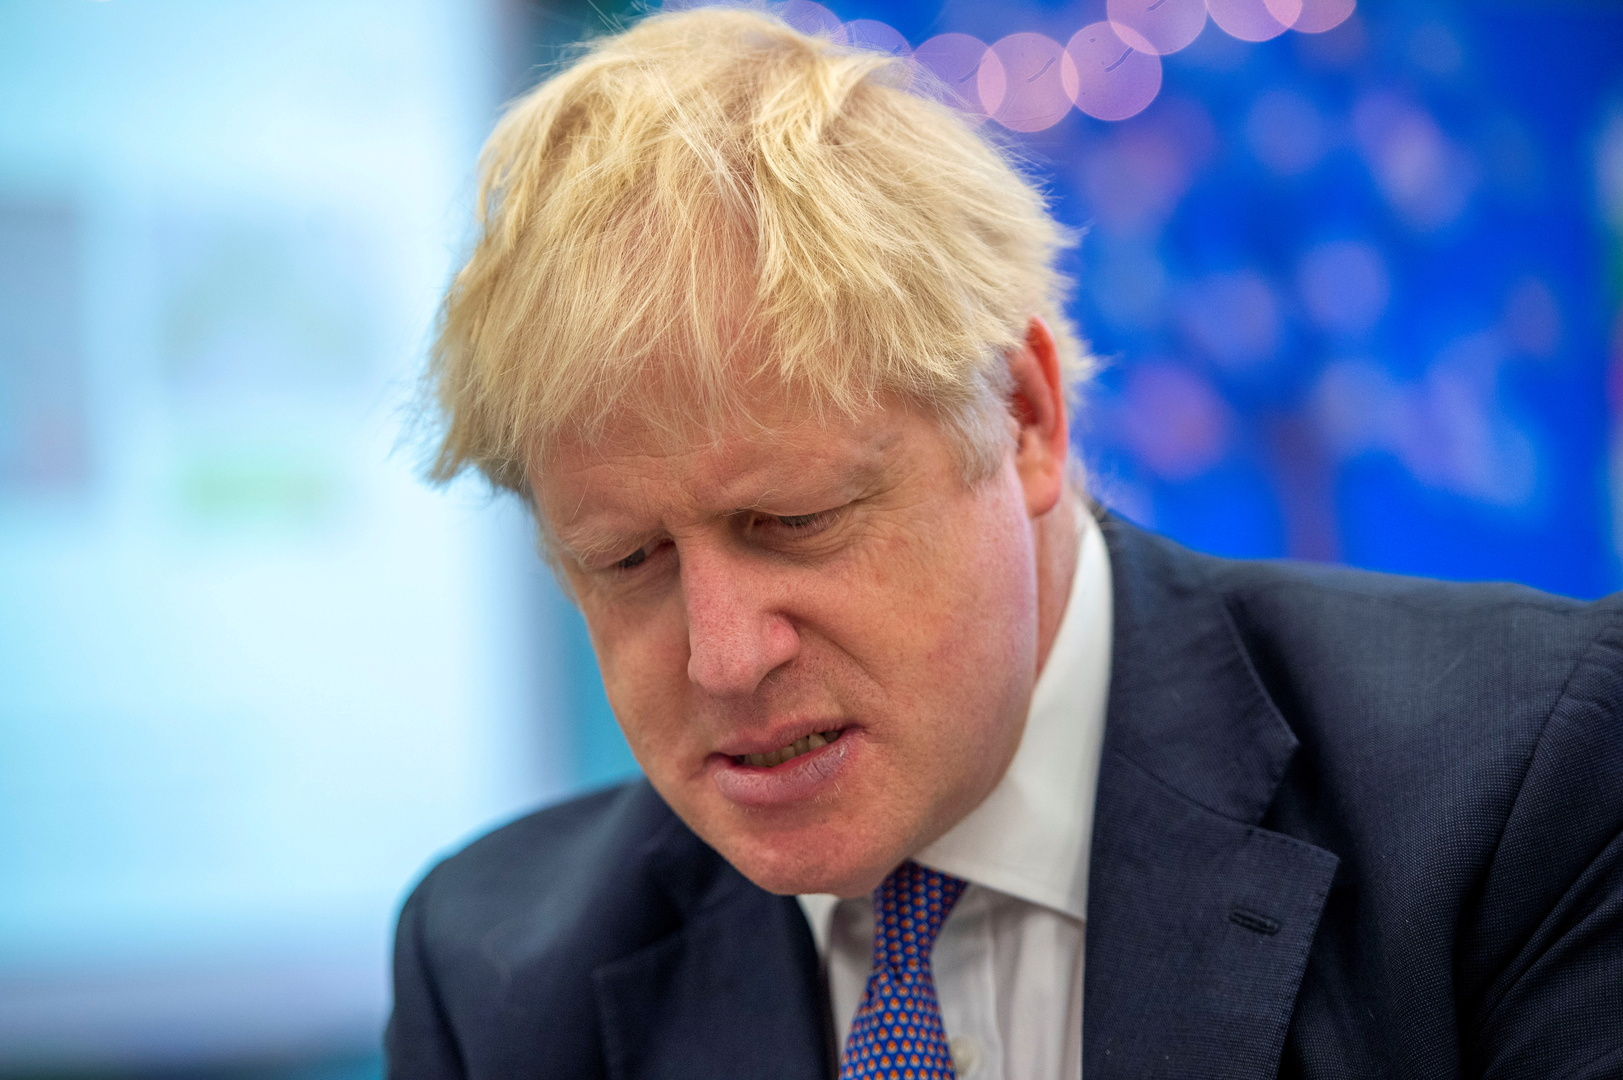 مصدر حكومي: جونسون يدرس فرض حجر صحي عام في بريطانيا لمدة شهر